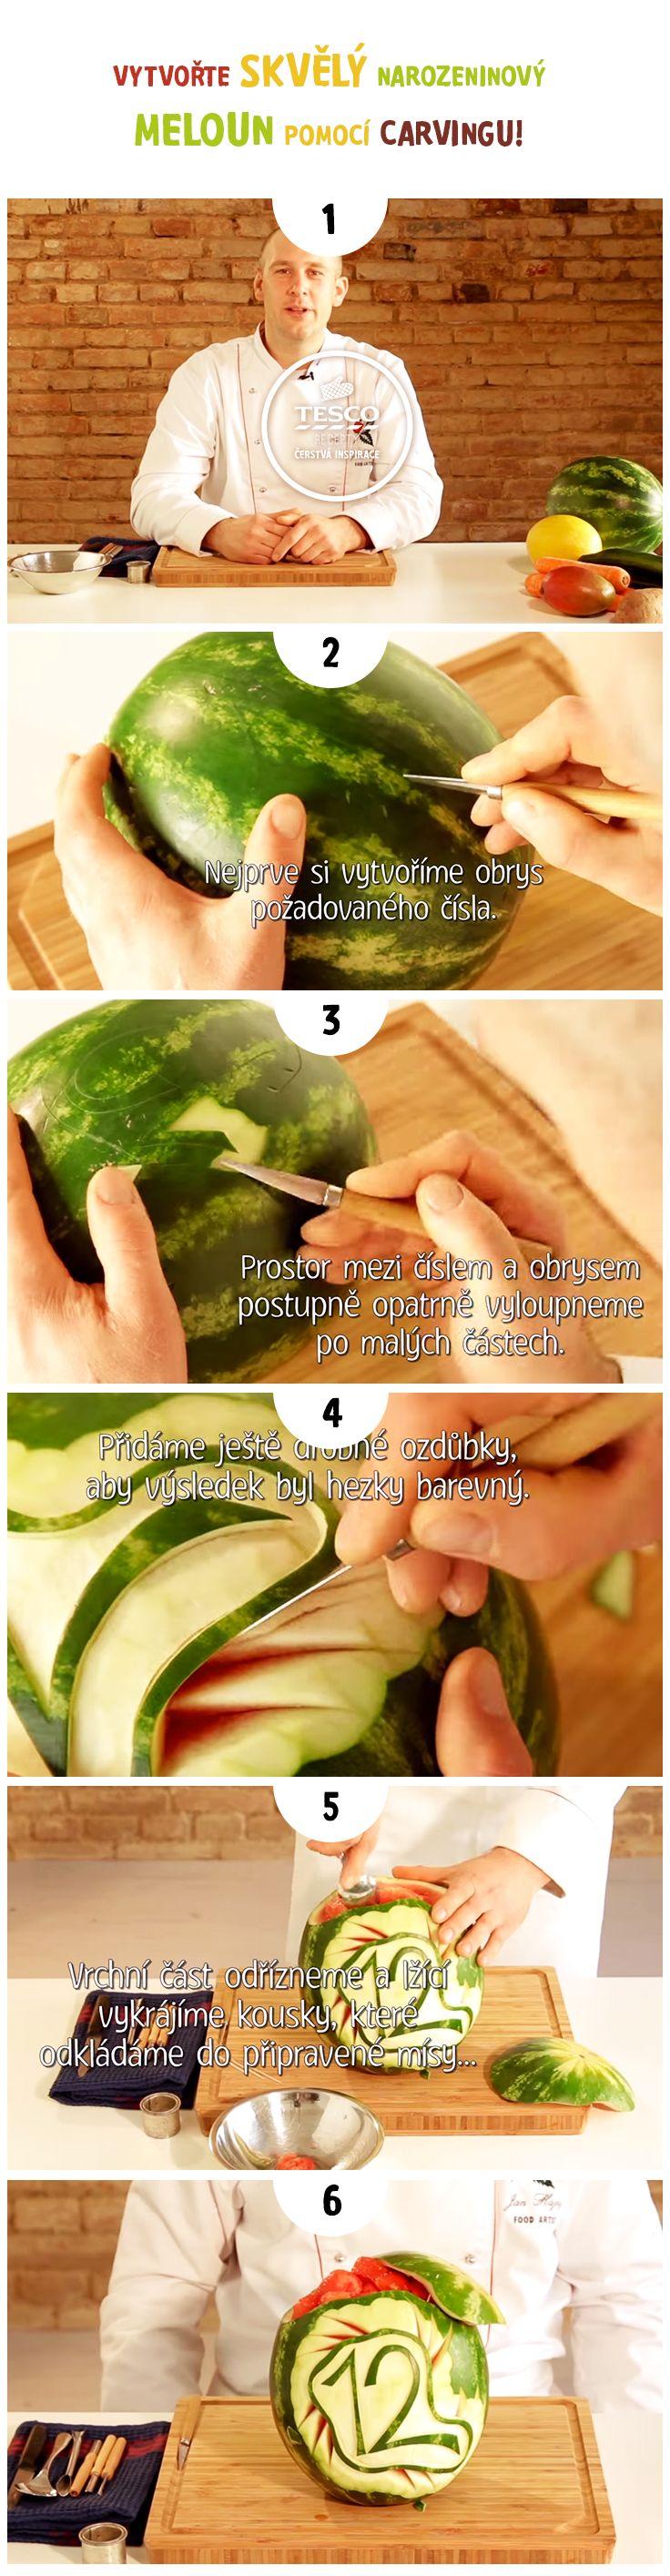 Tušili jste, jak skvělý dárek se dá připravit z melounu? S naším videem to zvládnete!